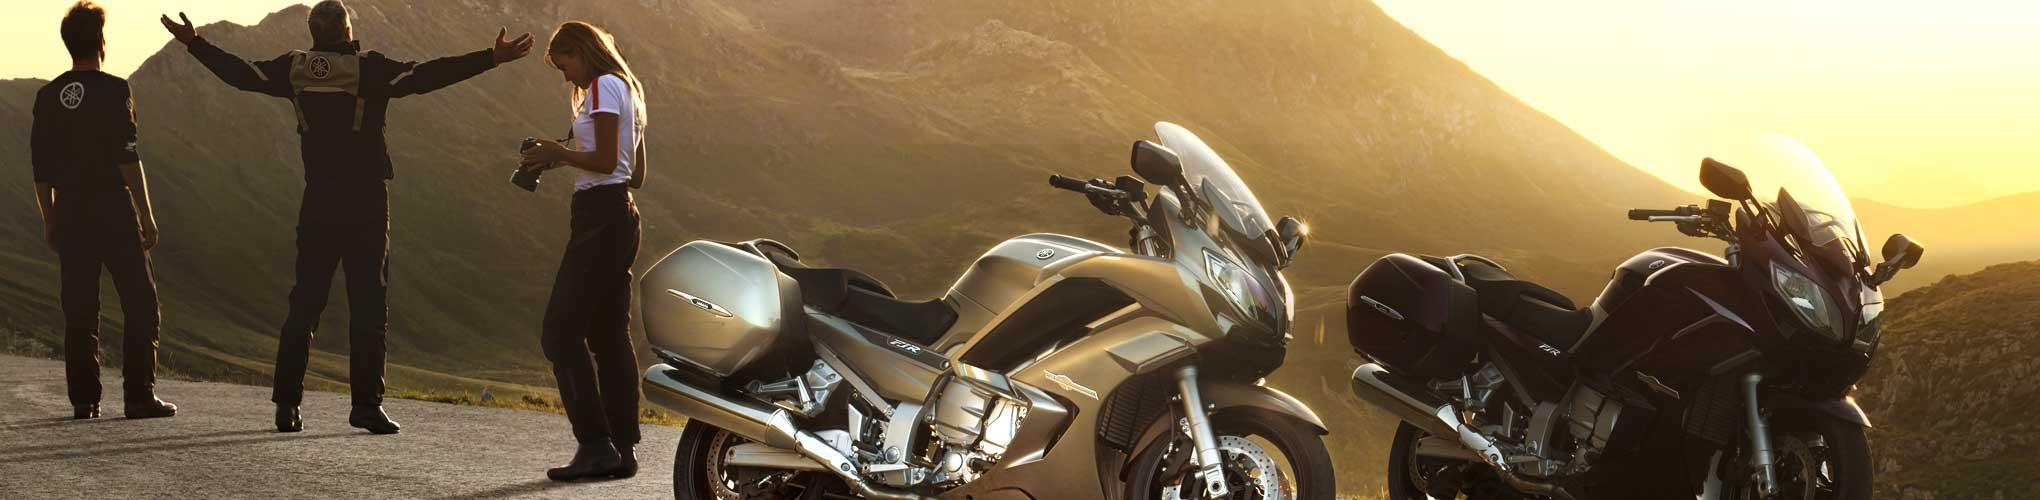 Motor huren | MotorCentrumWest